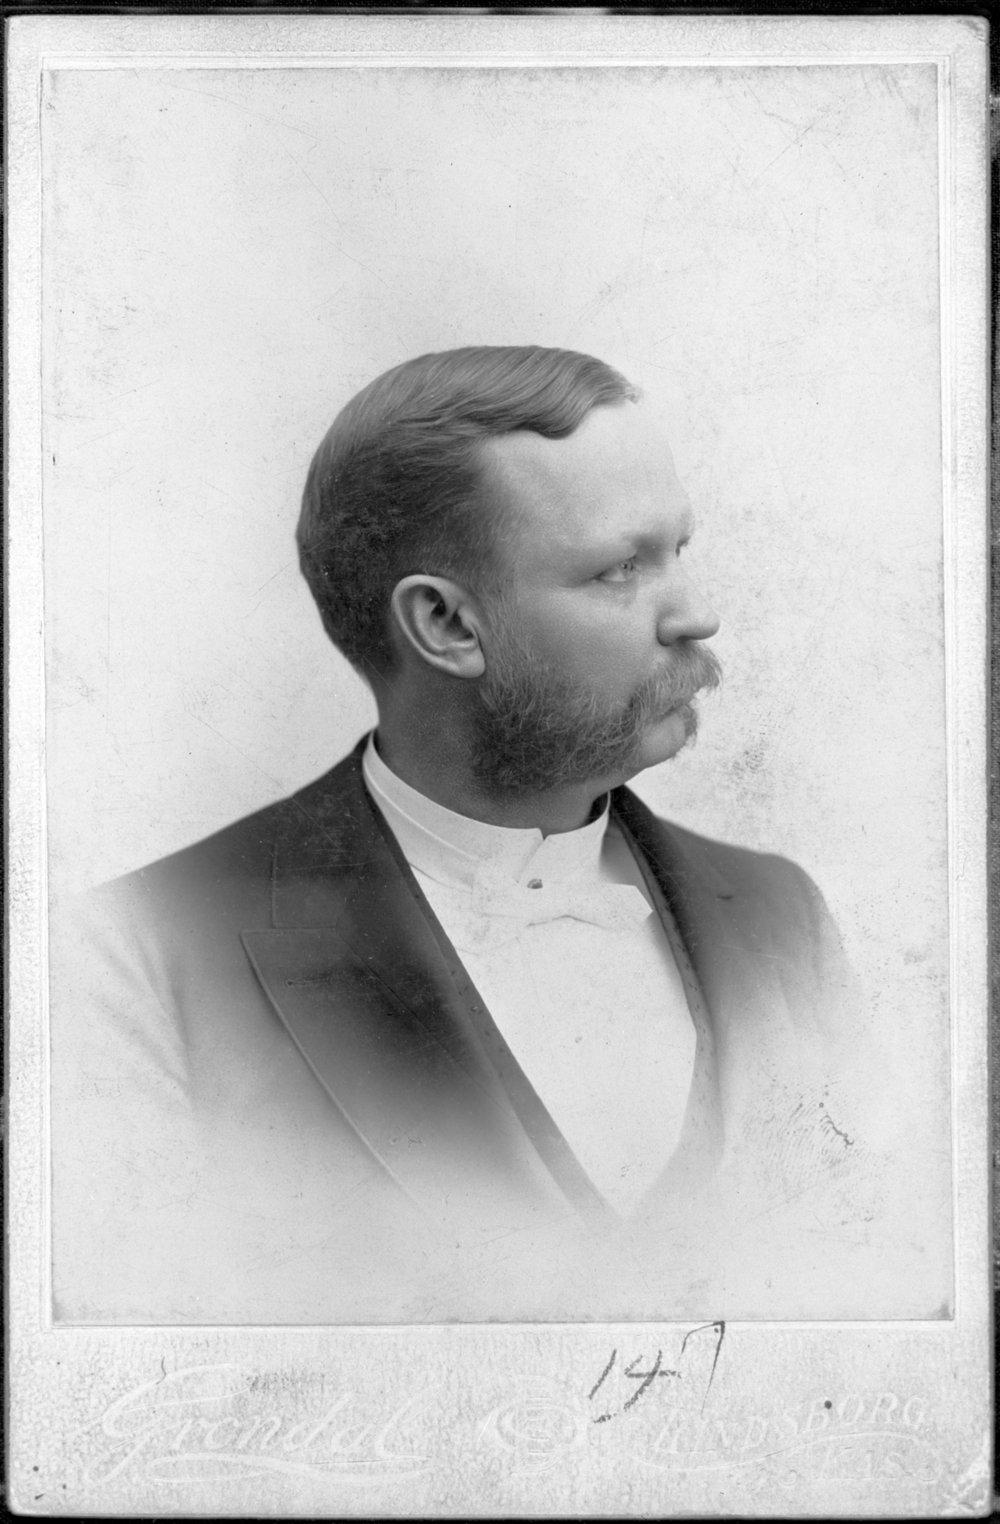 Carl A. Swensson